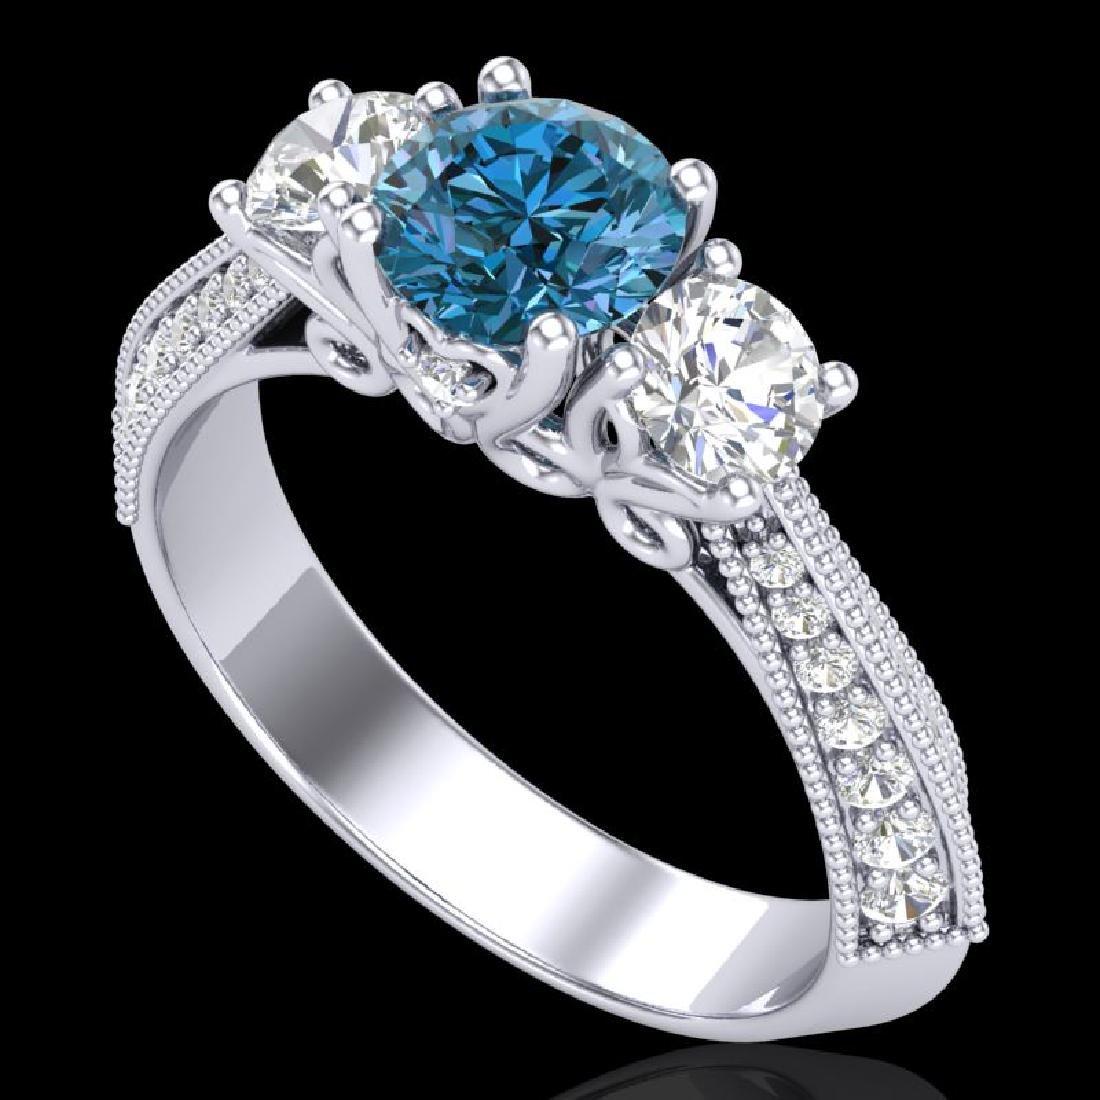 1.81 CTW Intense Blue Diamond Solitaire Art Deco 3